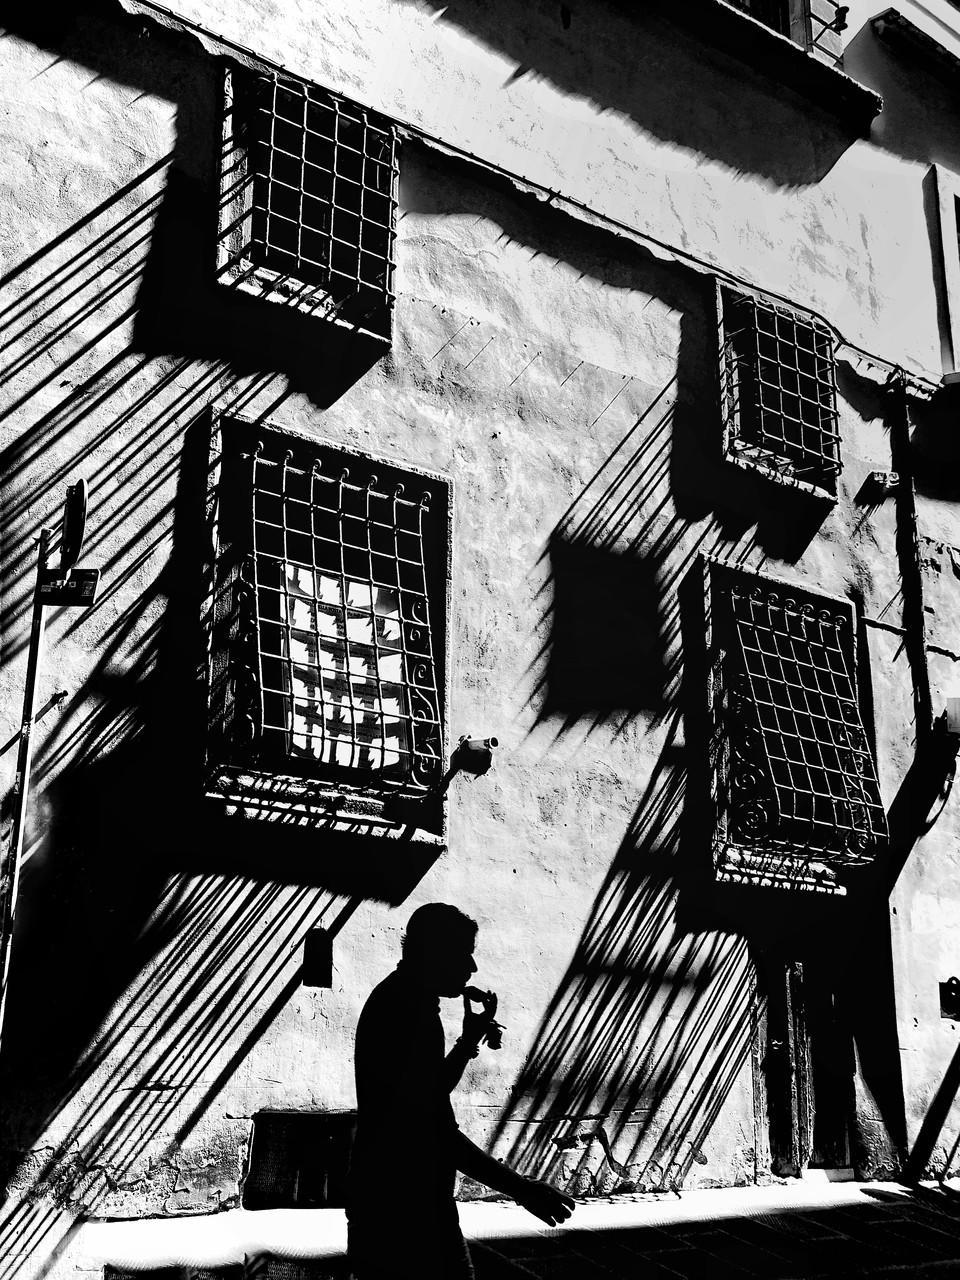 赶工。, © 錢老师, Huawei Next-Image Awards